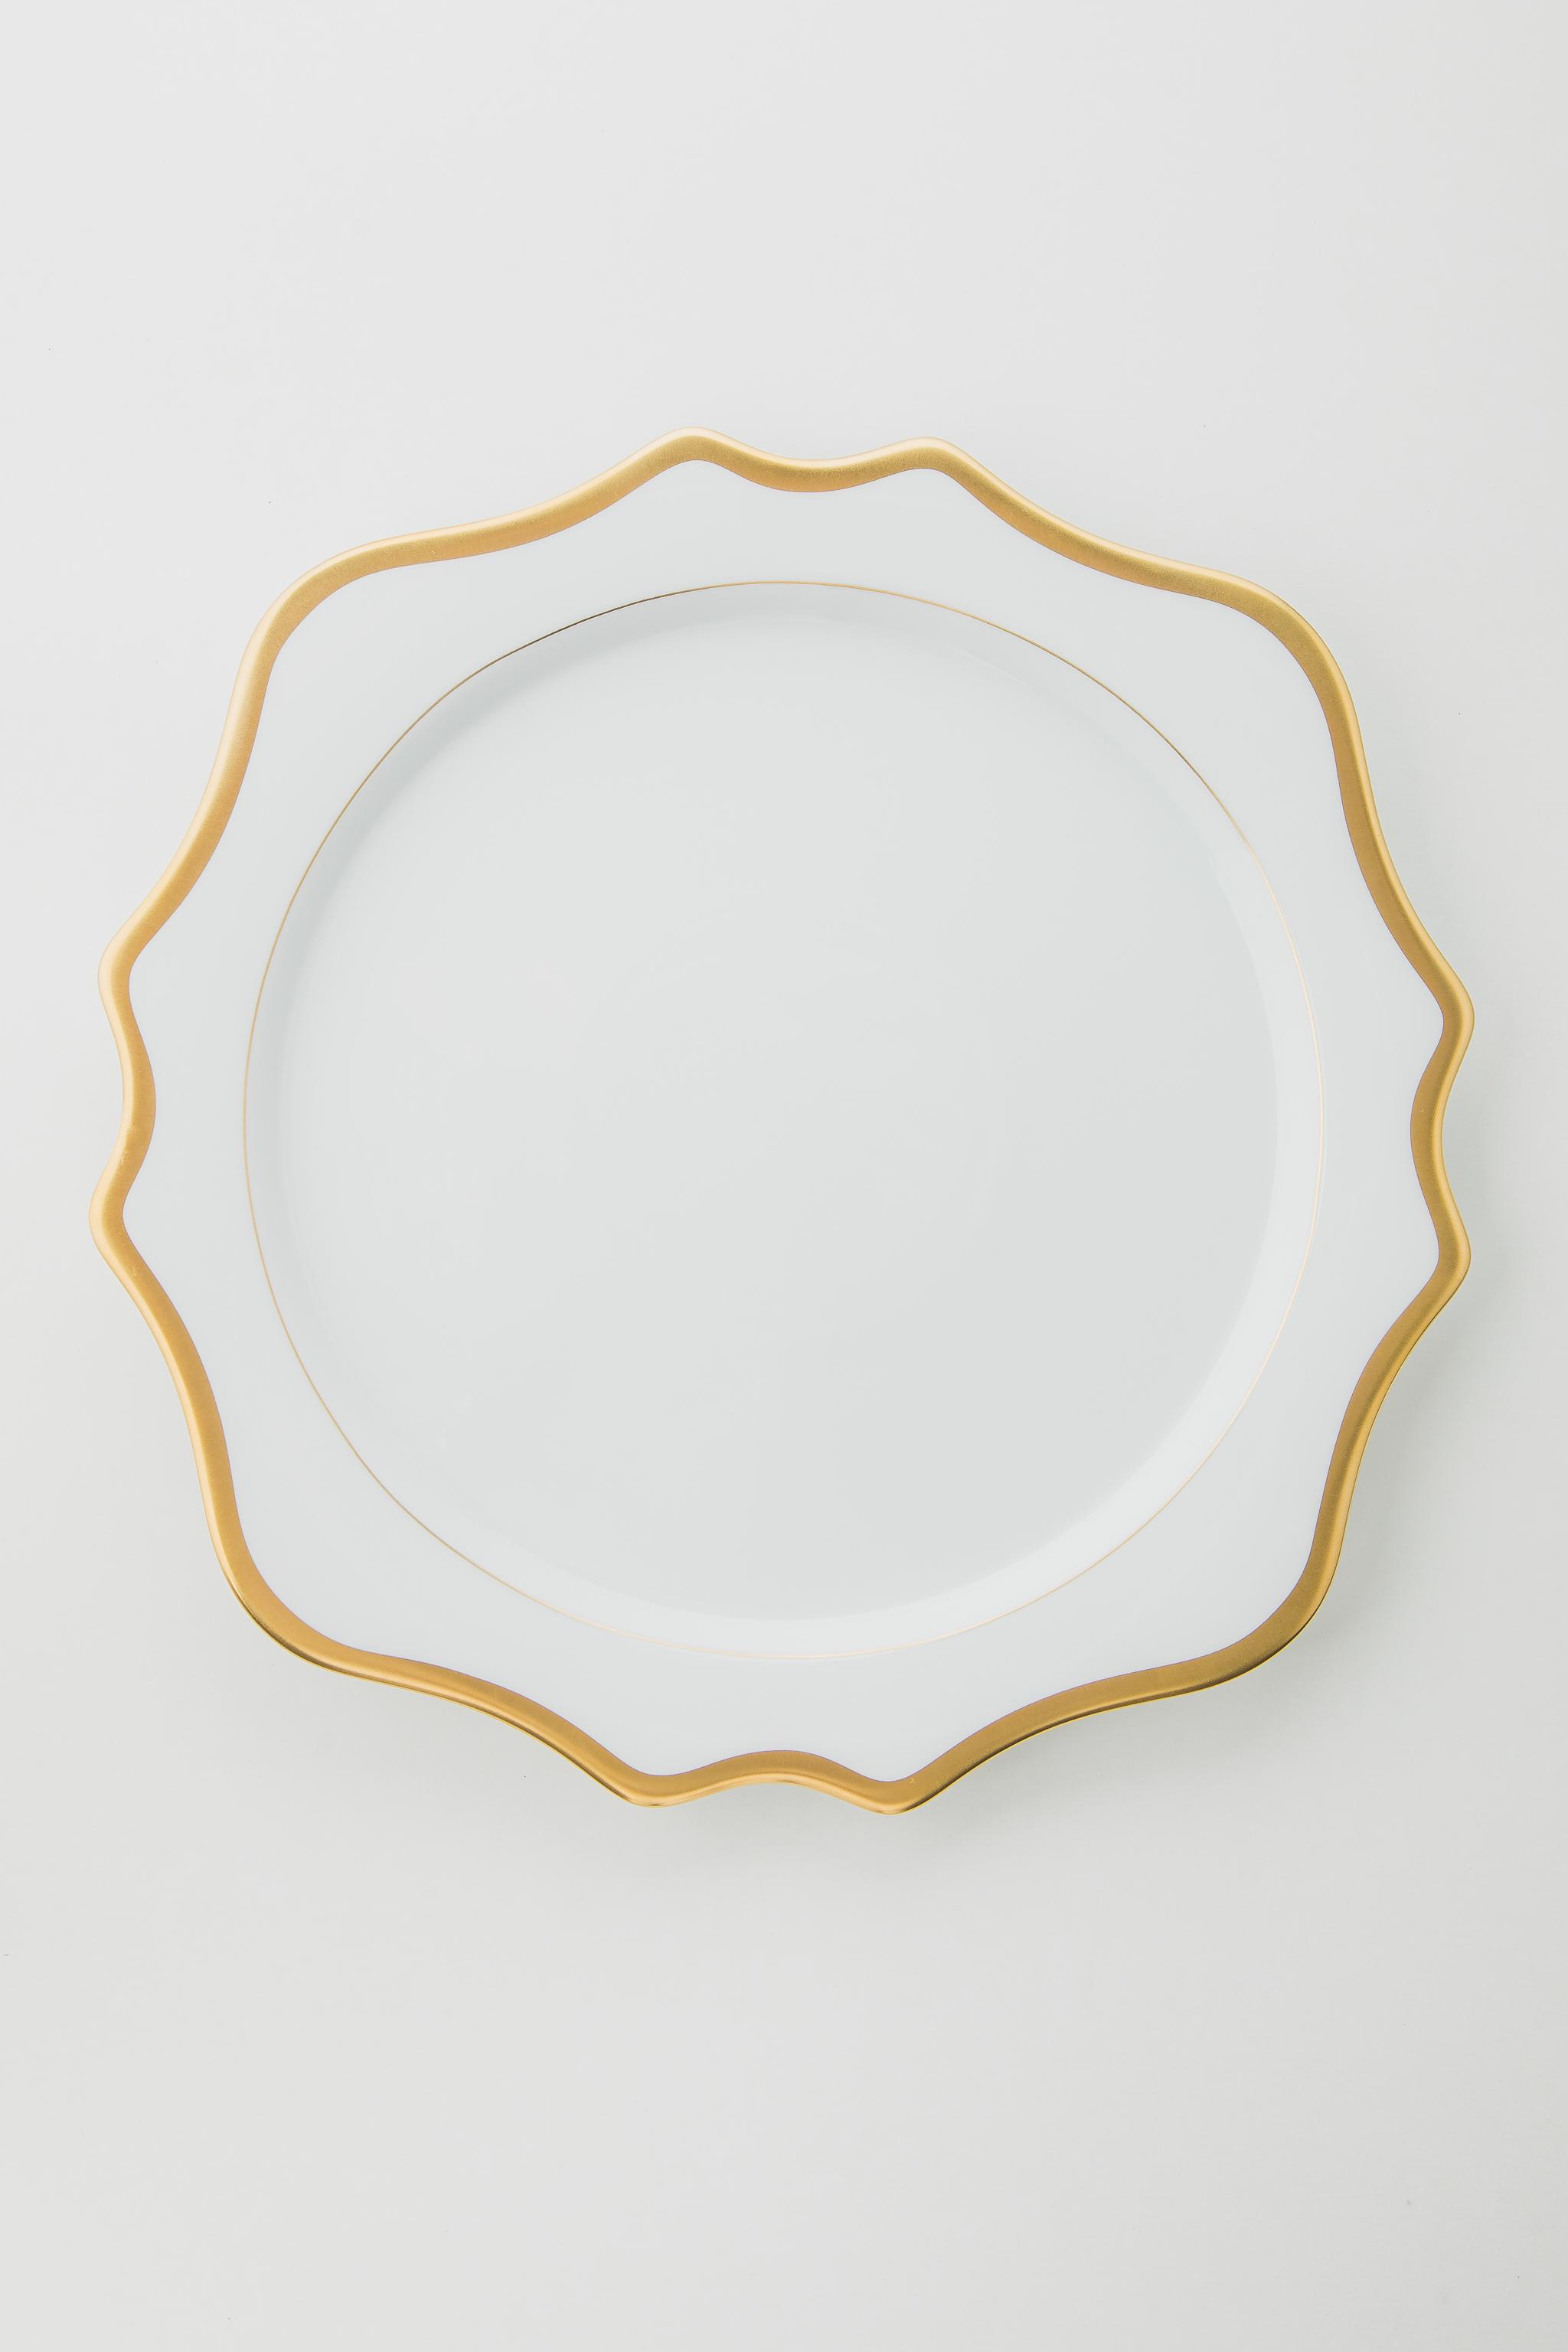 ANNA WEATHERLEY - WHITE & GOLD